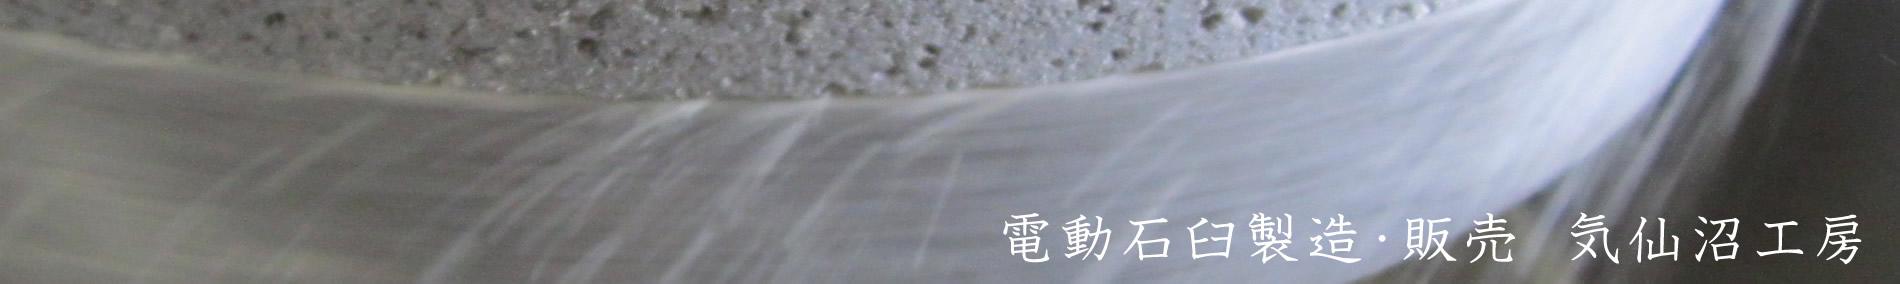 電動石臼の製造・販売 気仙沼工房